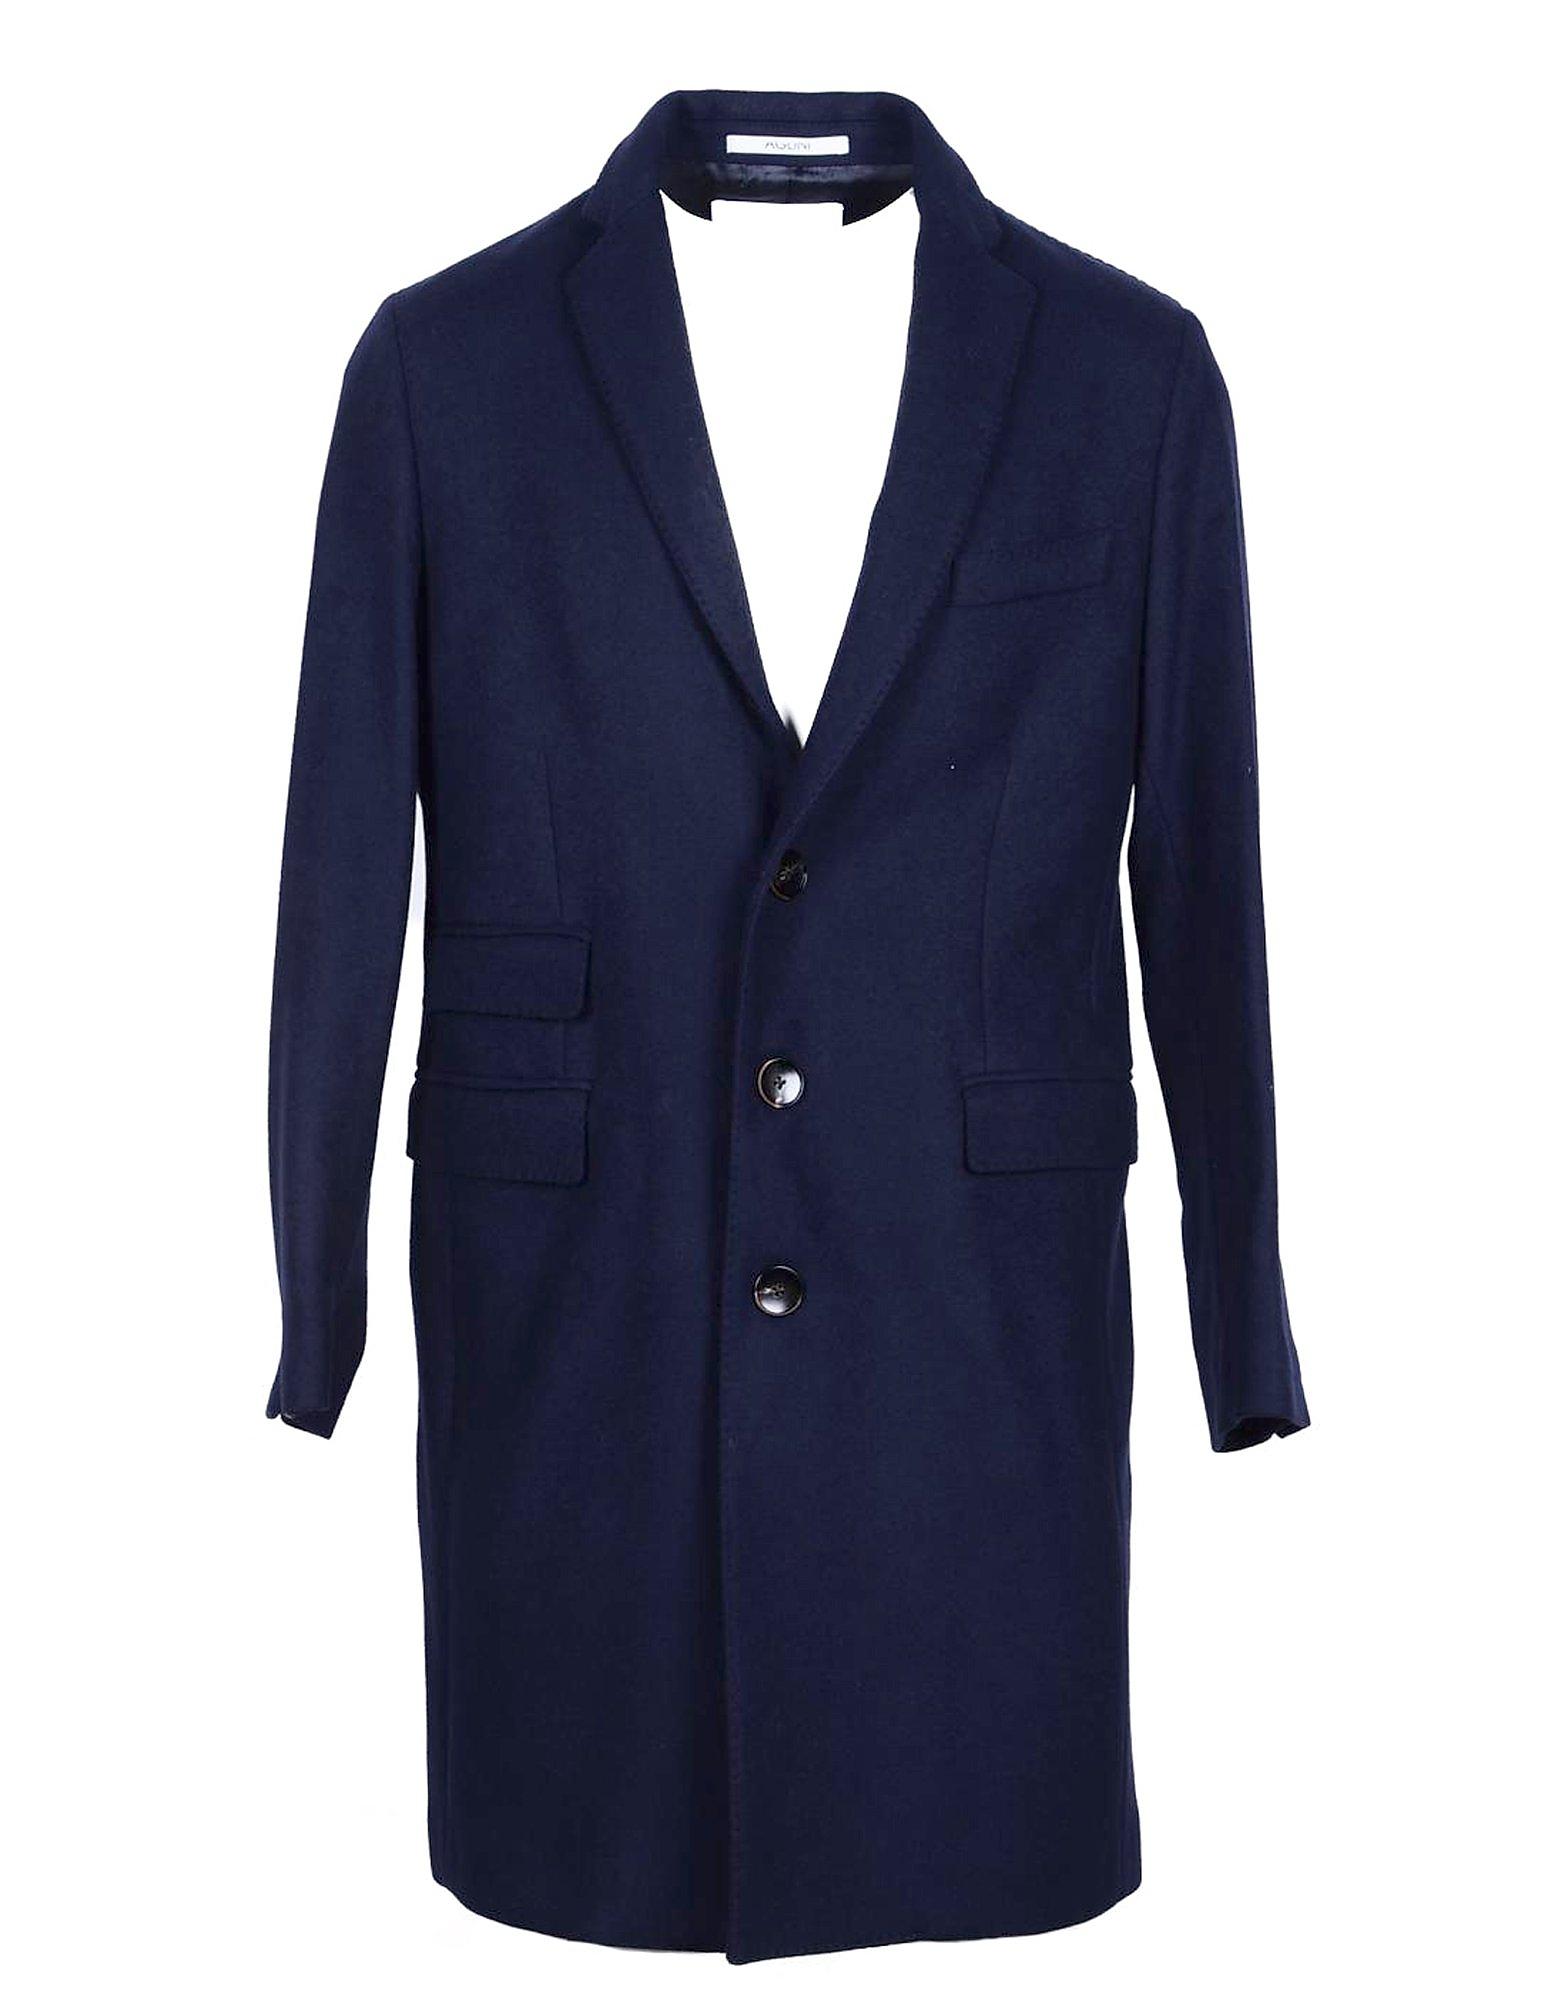 Aglini Designer Coats & Jackets, Men's Blue Coat